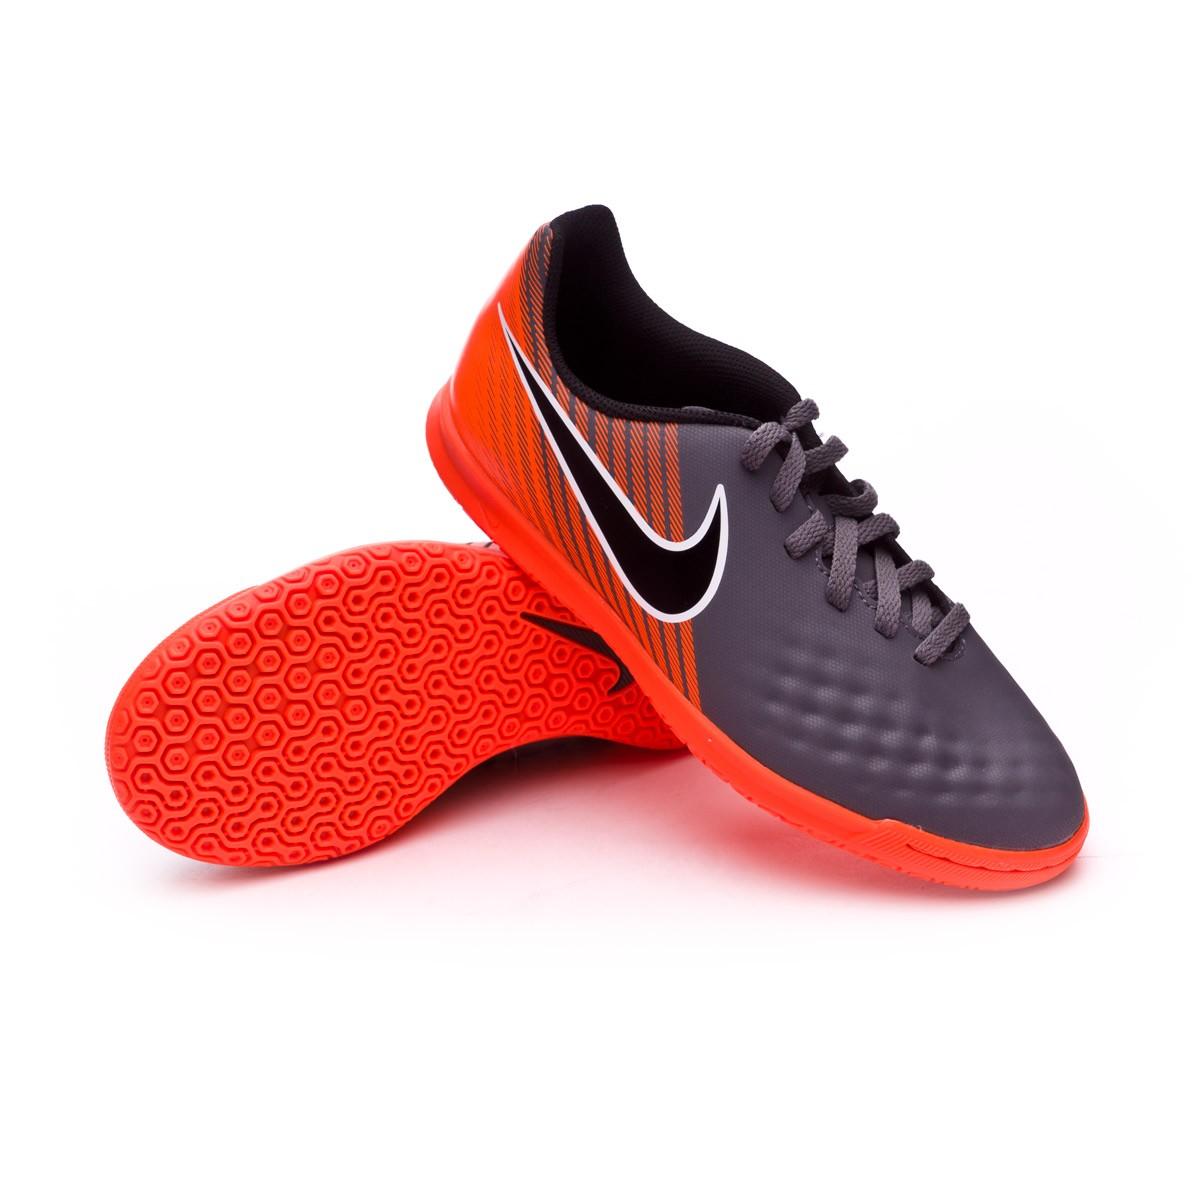 2fb6b8c8dc97 Futsal Boot Nike Magista ObraX II Club IC Niño Dark grey-Black-Total ...